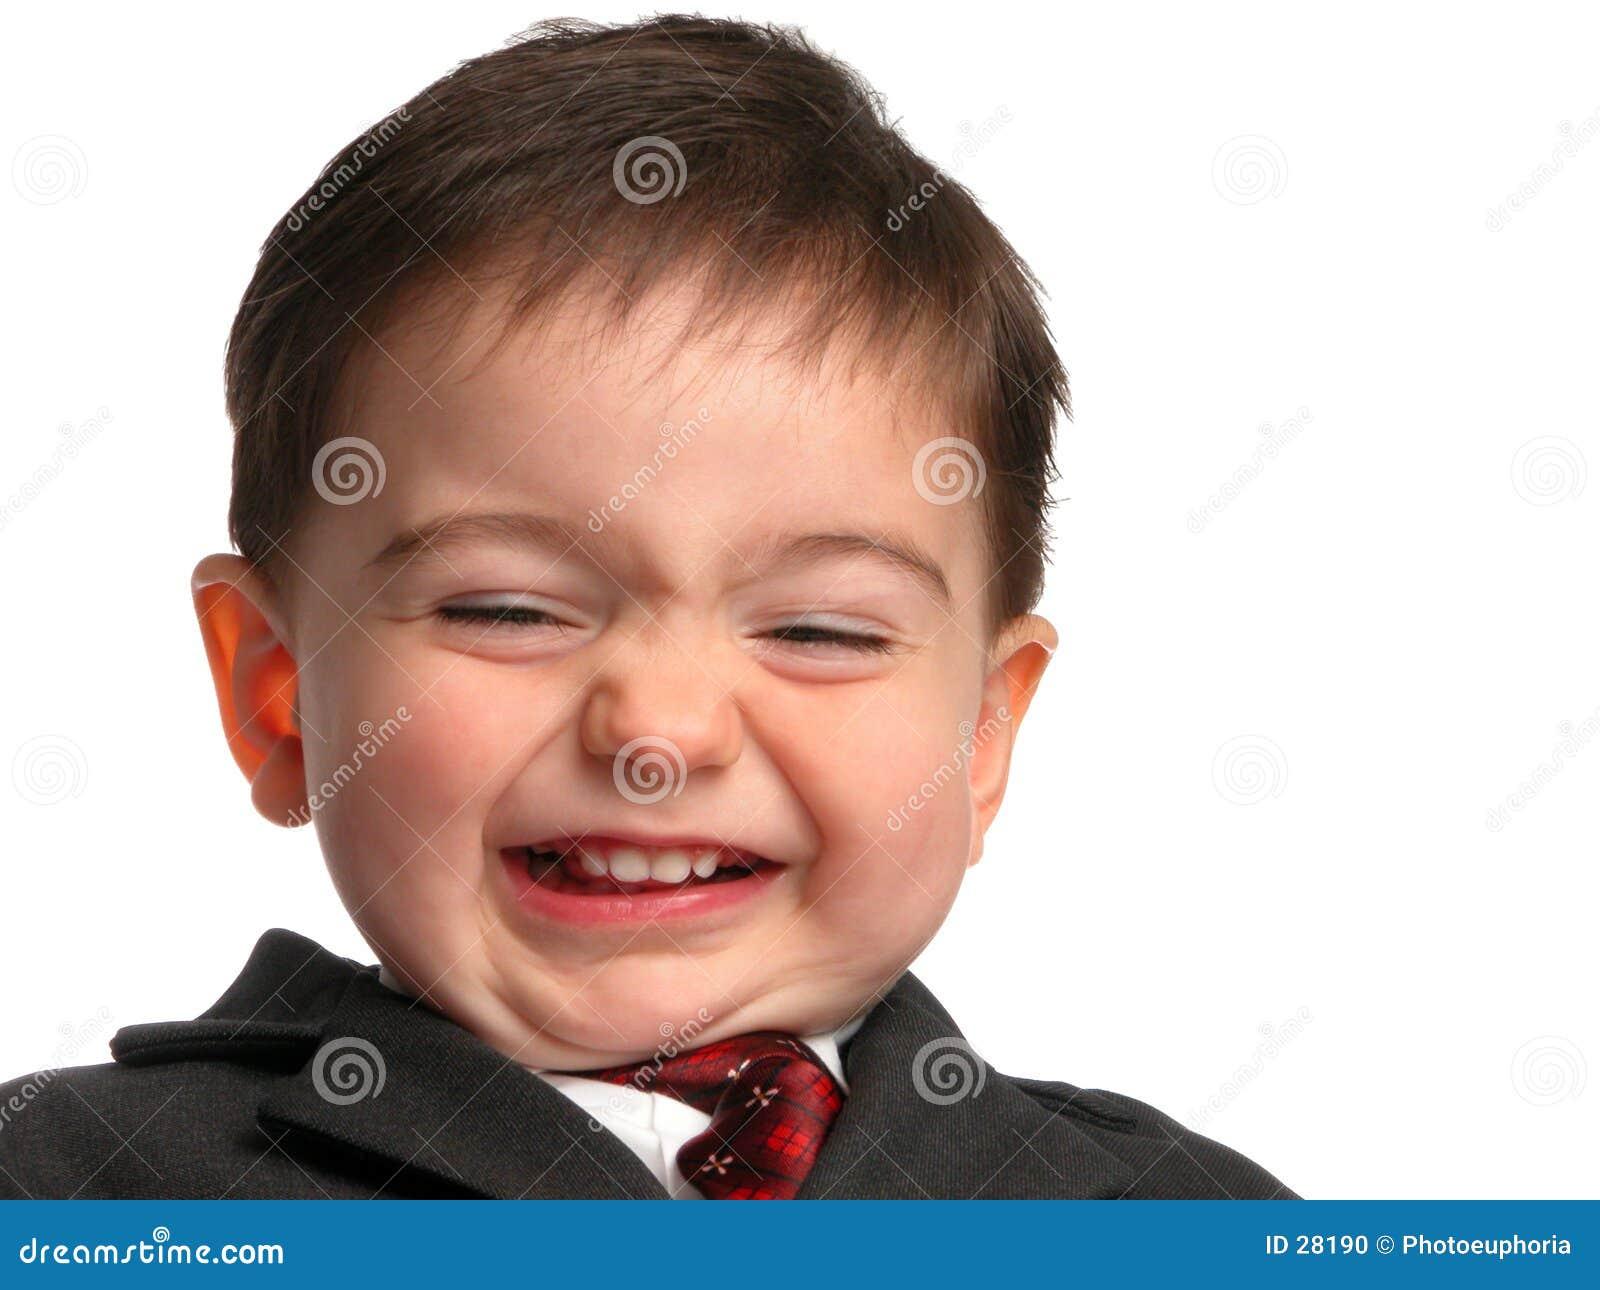 Kleine Mann-Serie: Saures Essiggurke-Lächeln